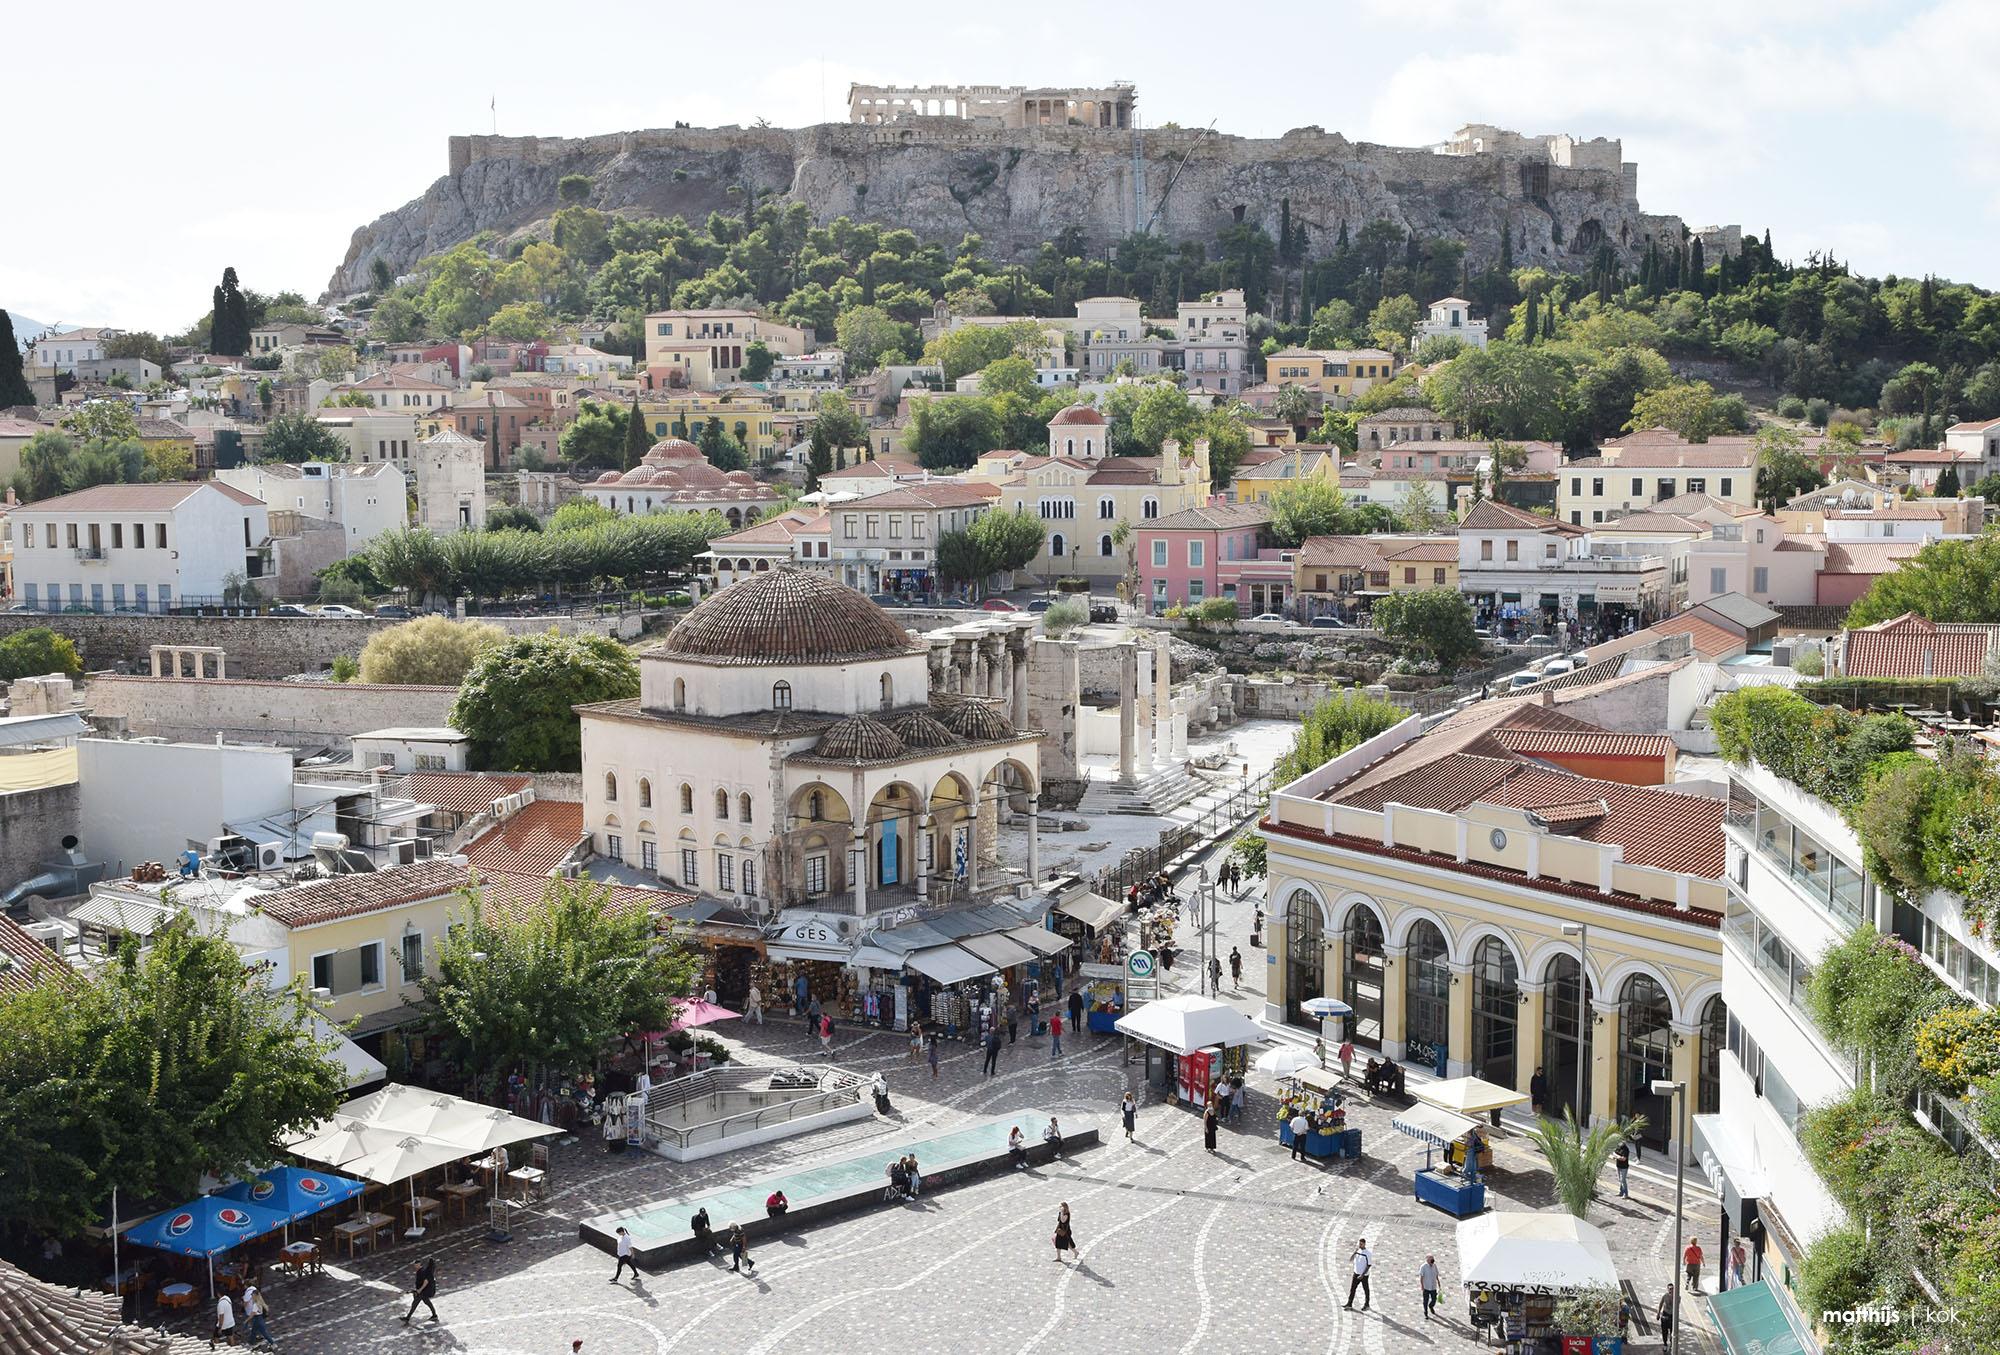 Monastiraki Square, Athens, Greece | Photo by Matthijs Kok